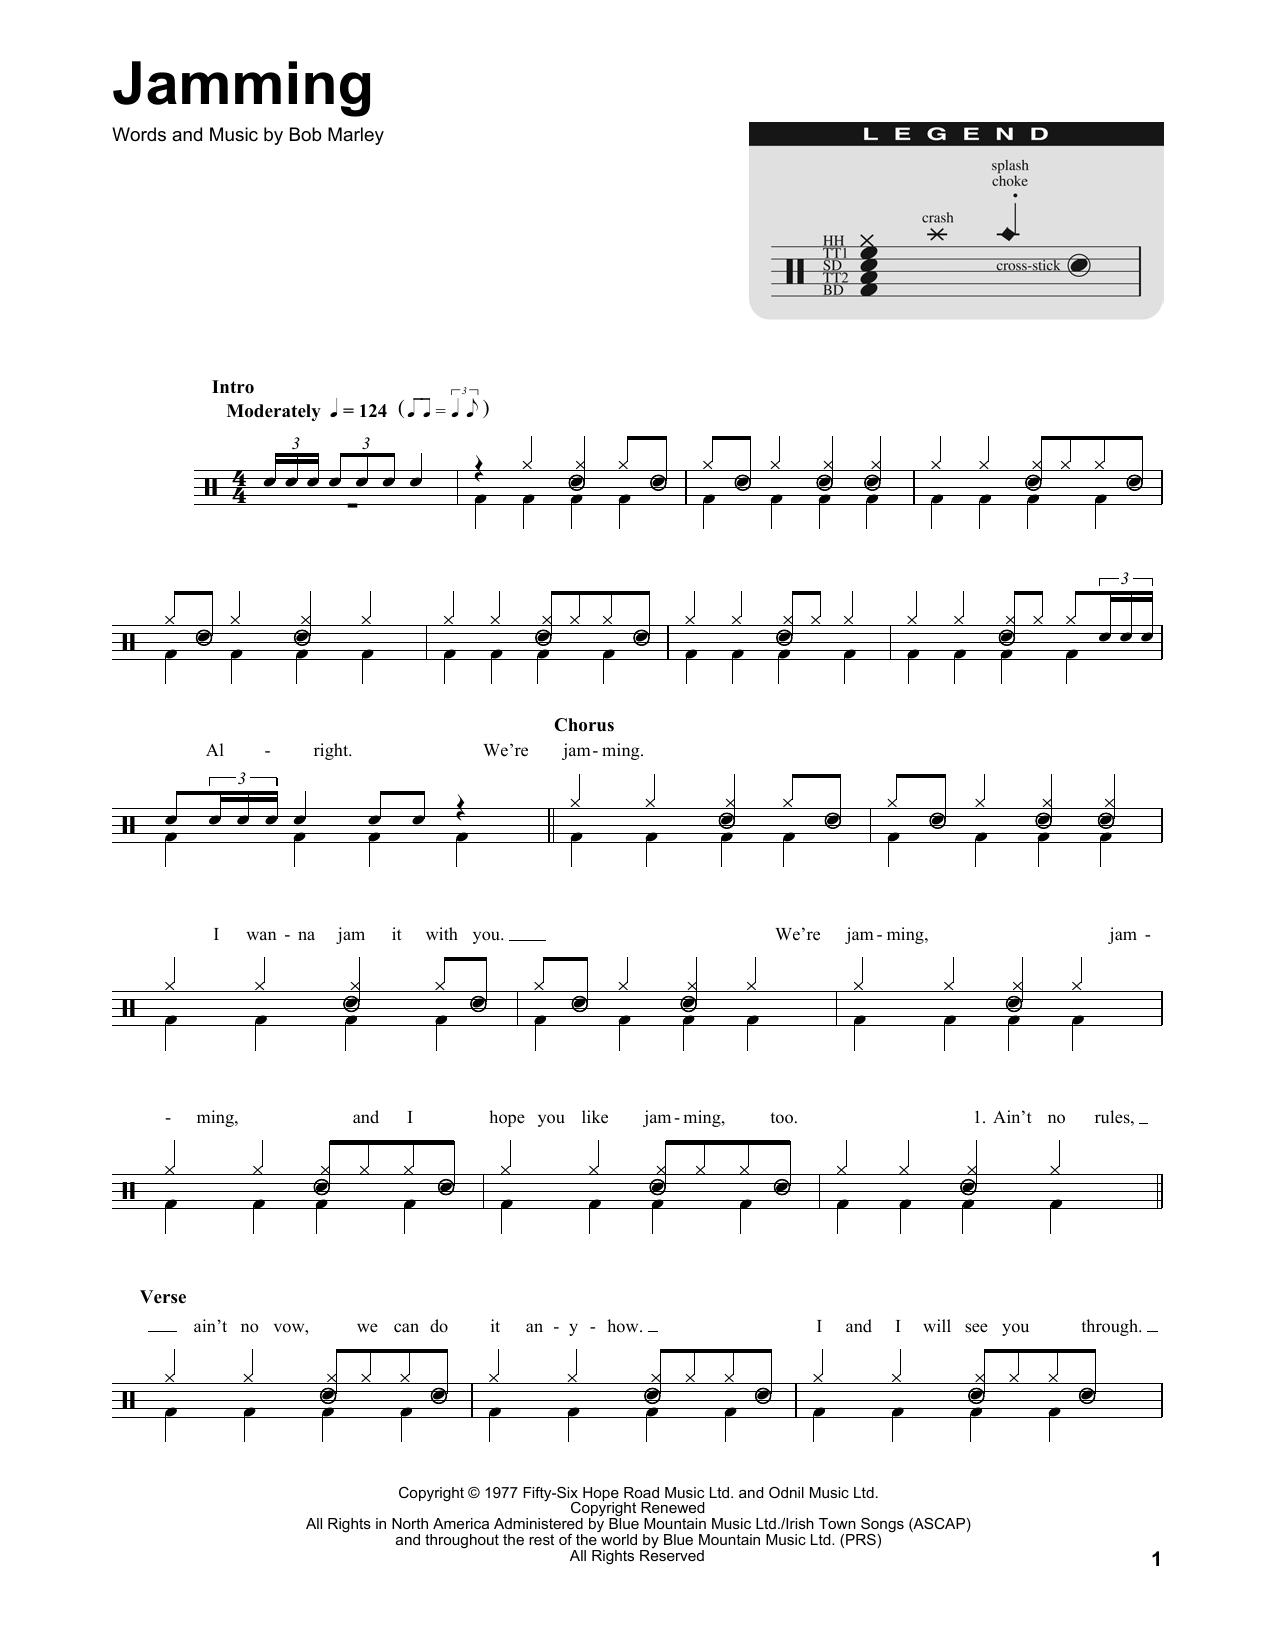 Bob Marley Jamming Sheet Music Notes Chords Printable Folk